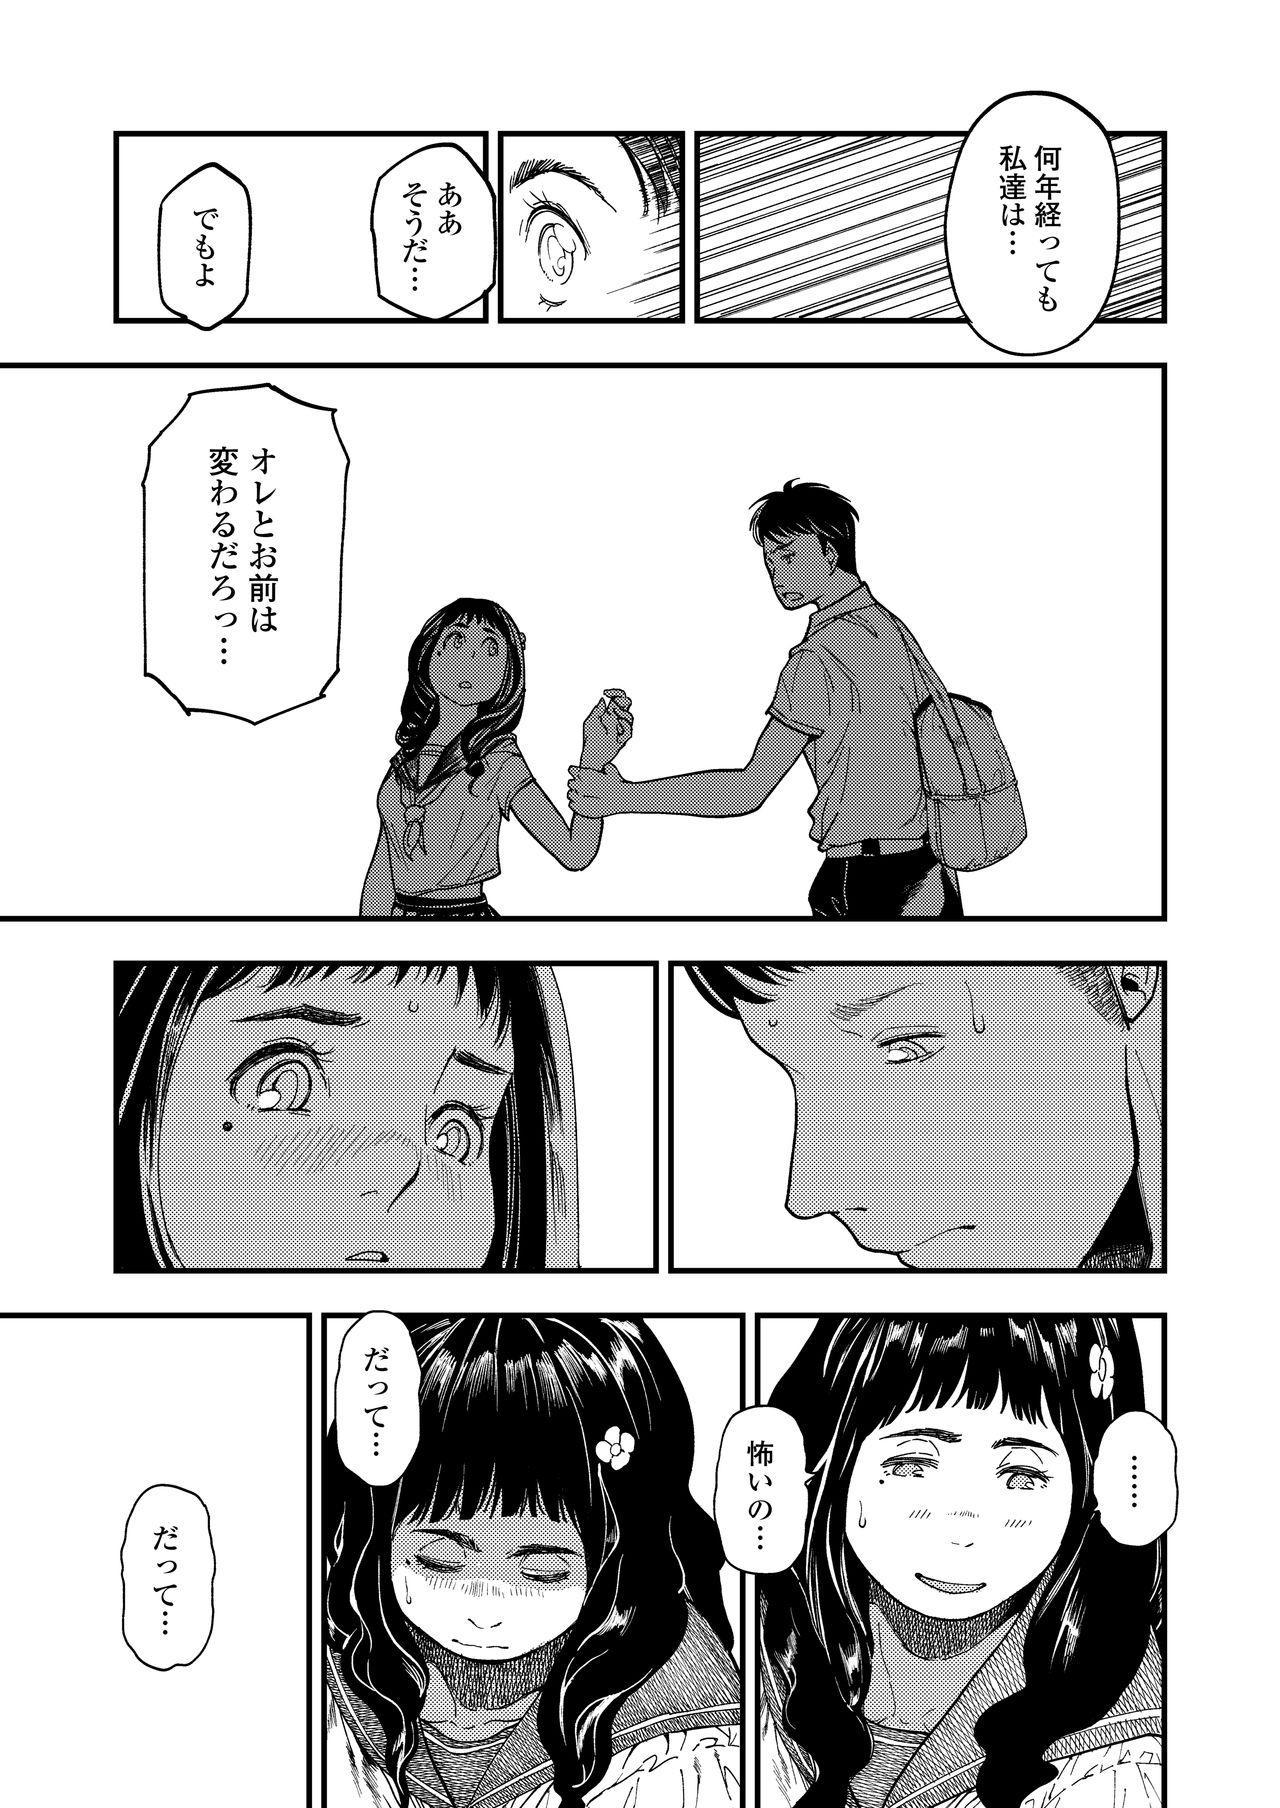 COMIC AOHA 2021 Natsu 290